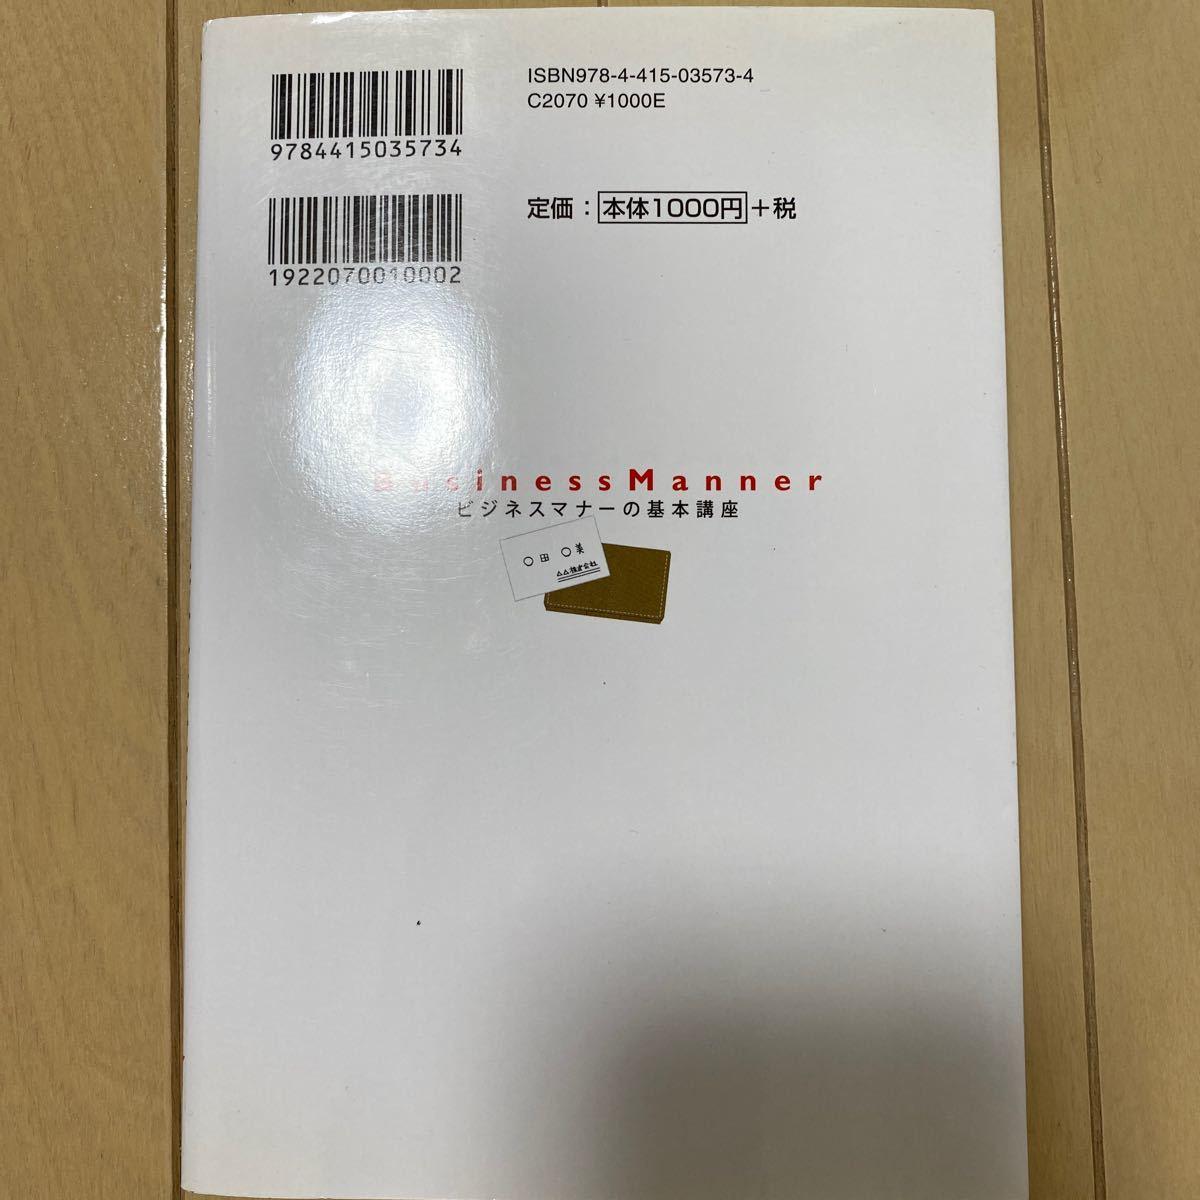 ビジネスマナ-の基本講座 第一印象からビジネスは始まる! /成美堂出版/ANA